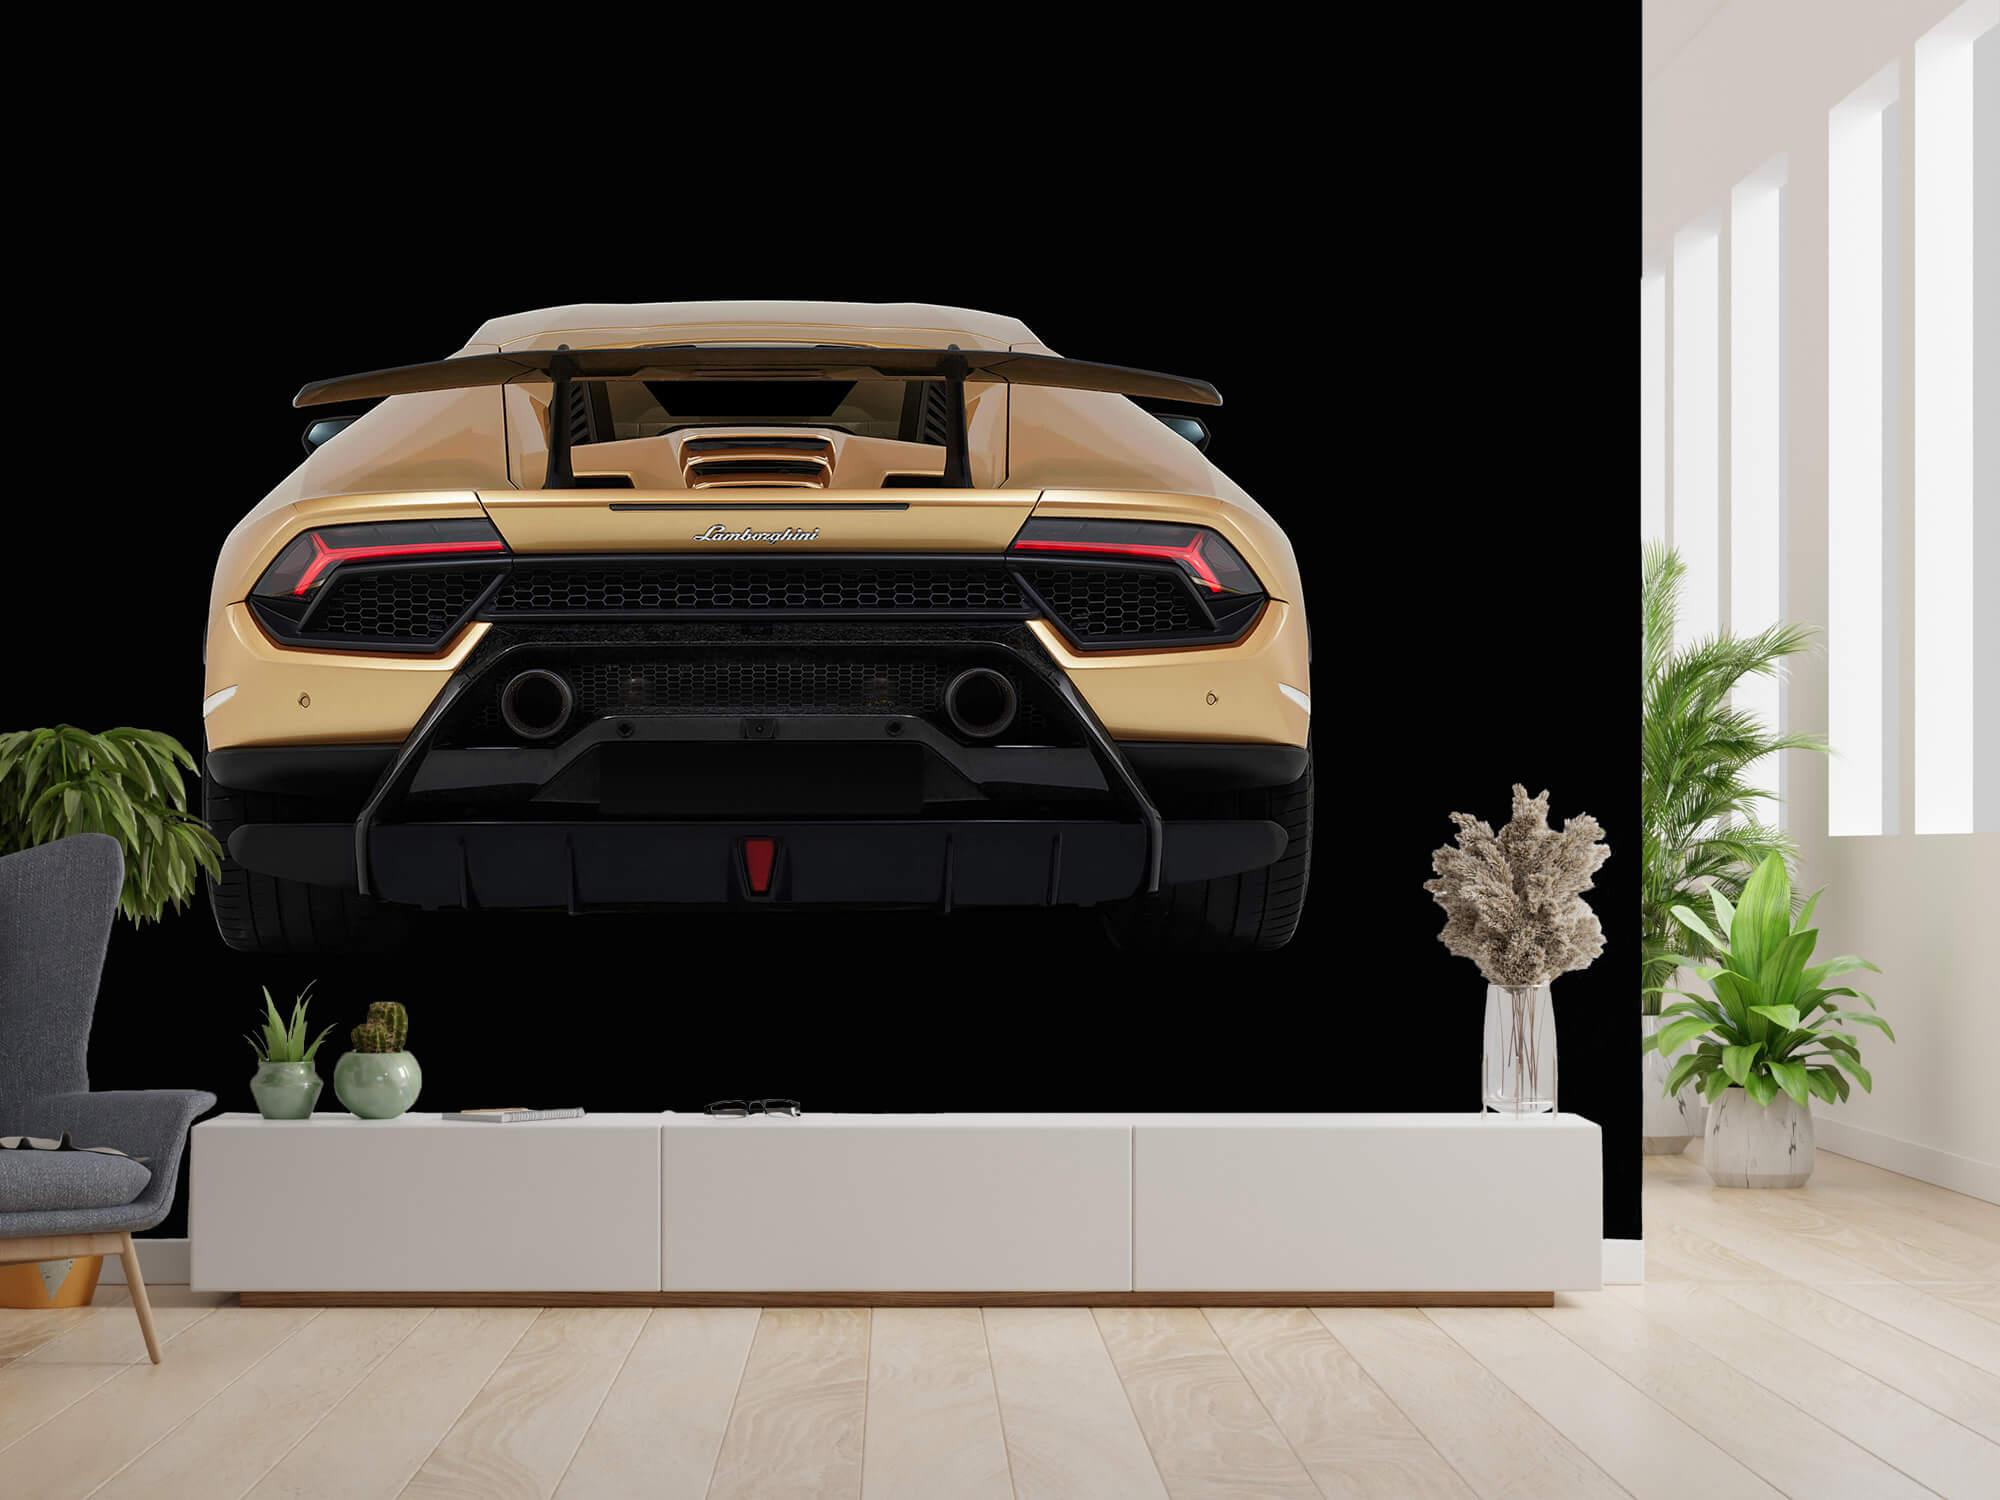 Wallpaper Lamborghini Huracán - Bak, svart 2